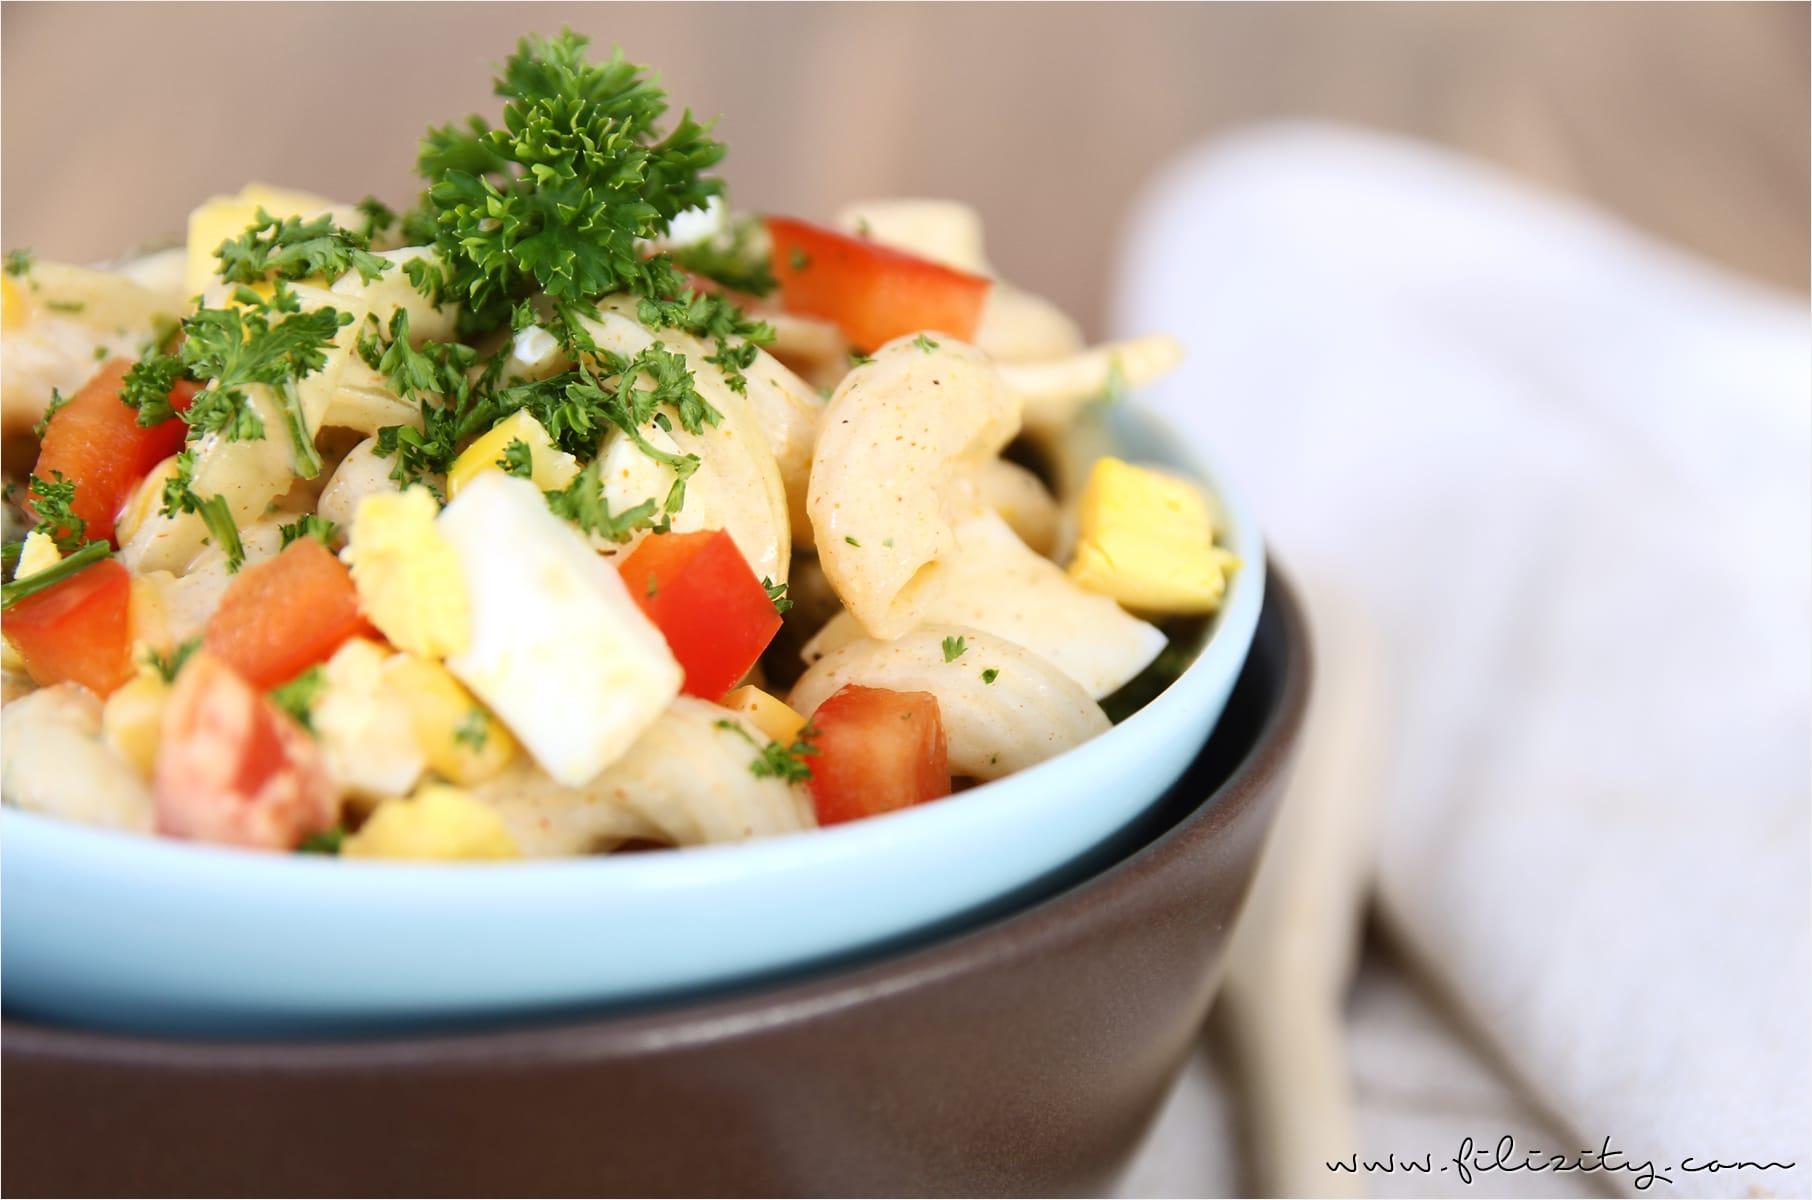 Nudelsalat mit Curry als Partyfood oder Beilage zum Grillen